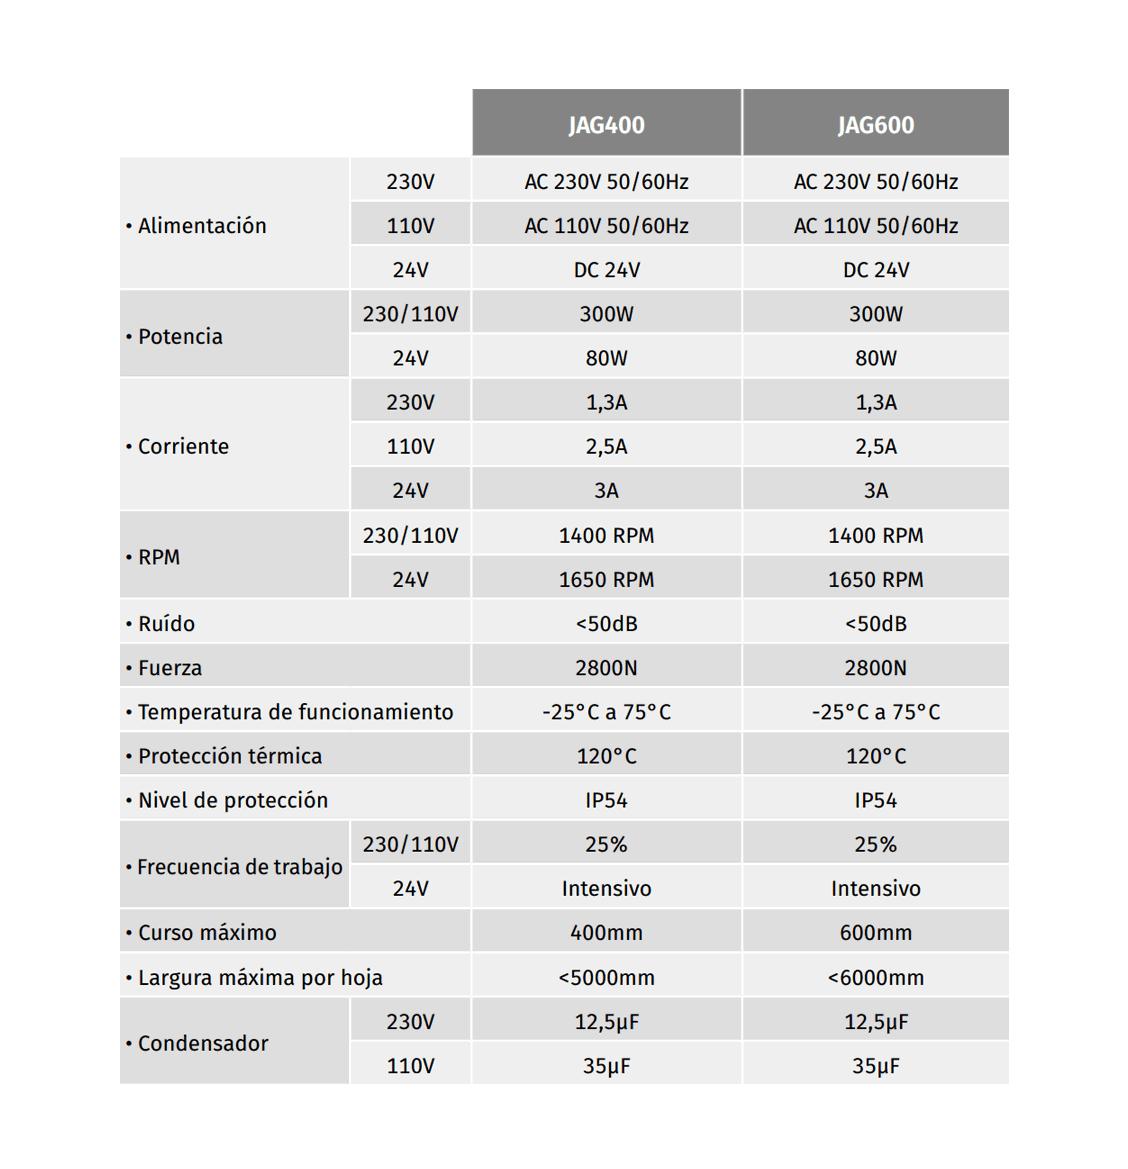 datos%20tecnicos%20jag.png